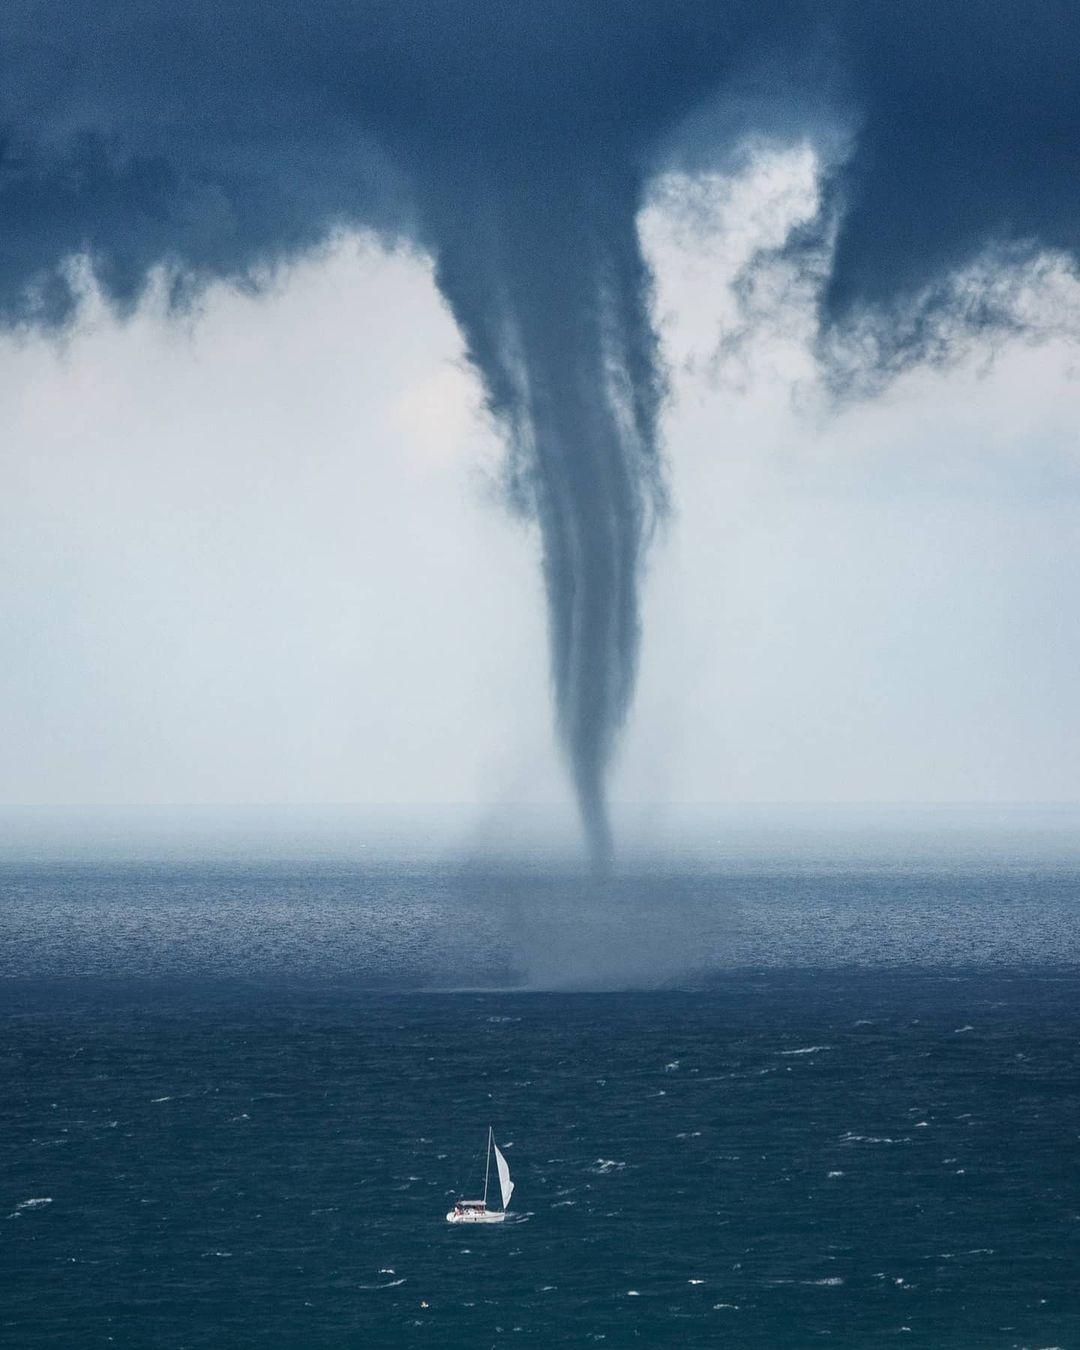 «Белеет парус одинокий…» Смерч в городе Сочи и кораблик. Фотограф Станислав Савин